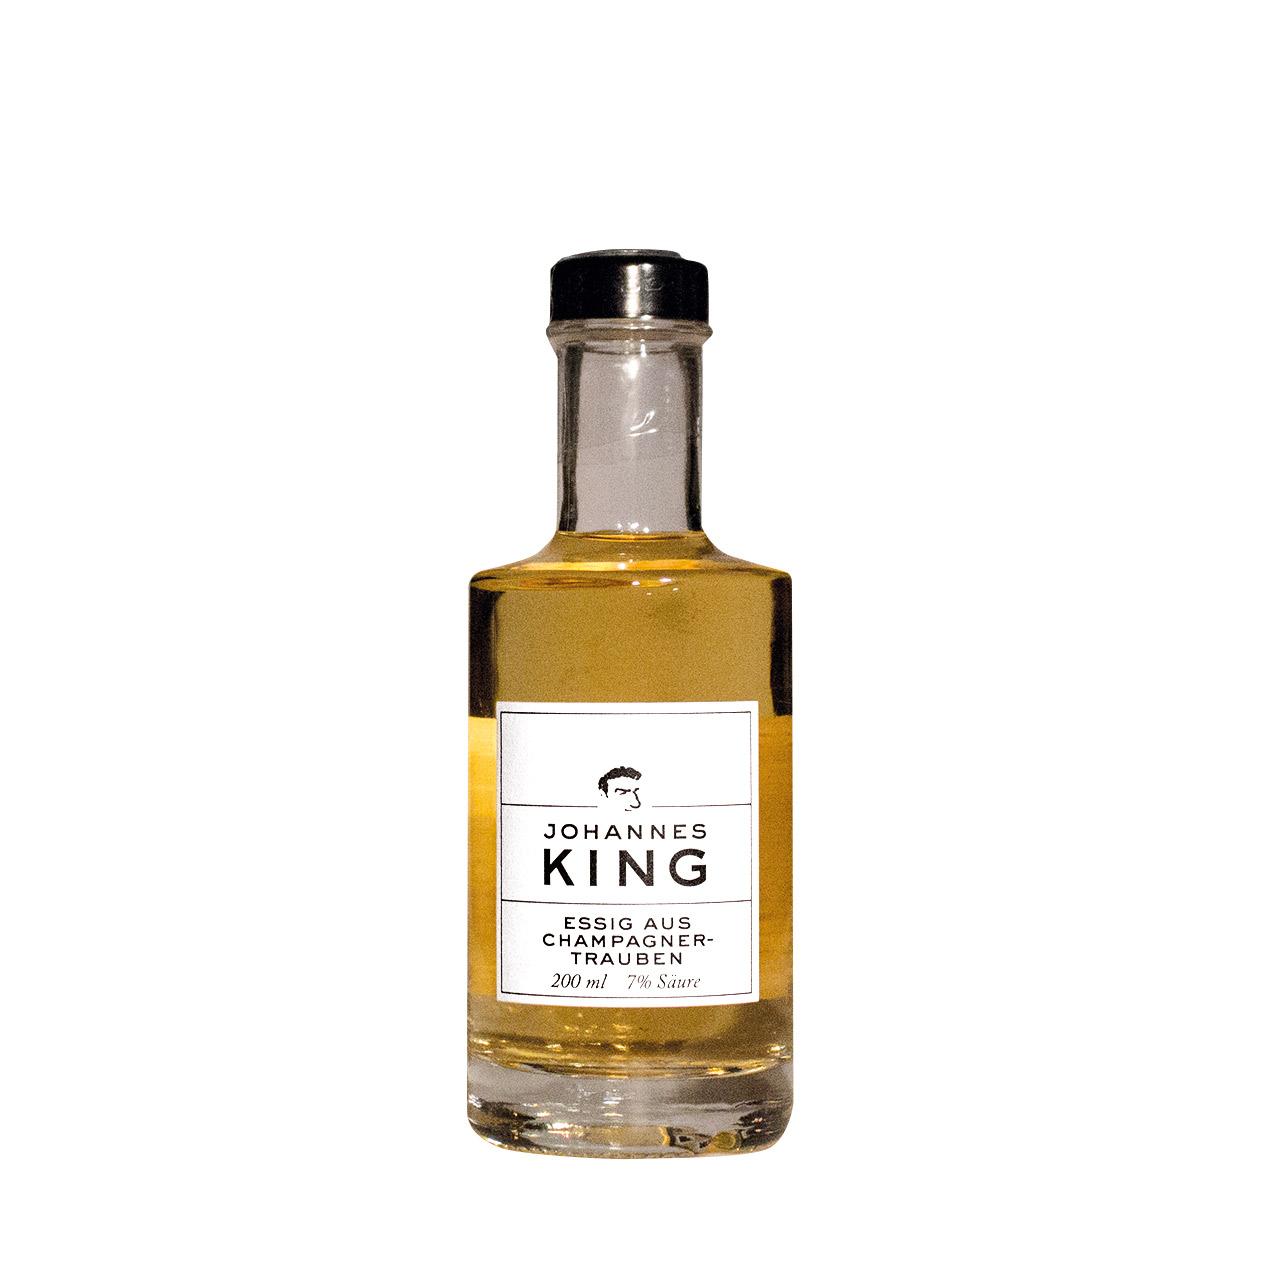 Kings Essig aus Champagnertrauben